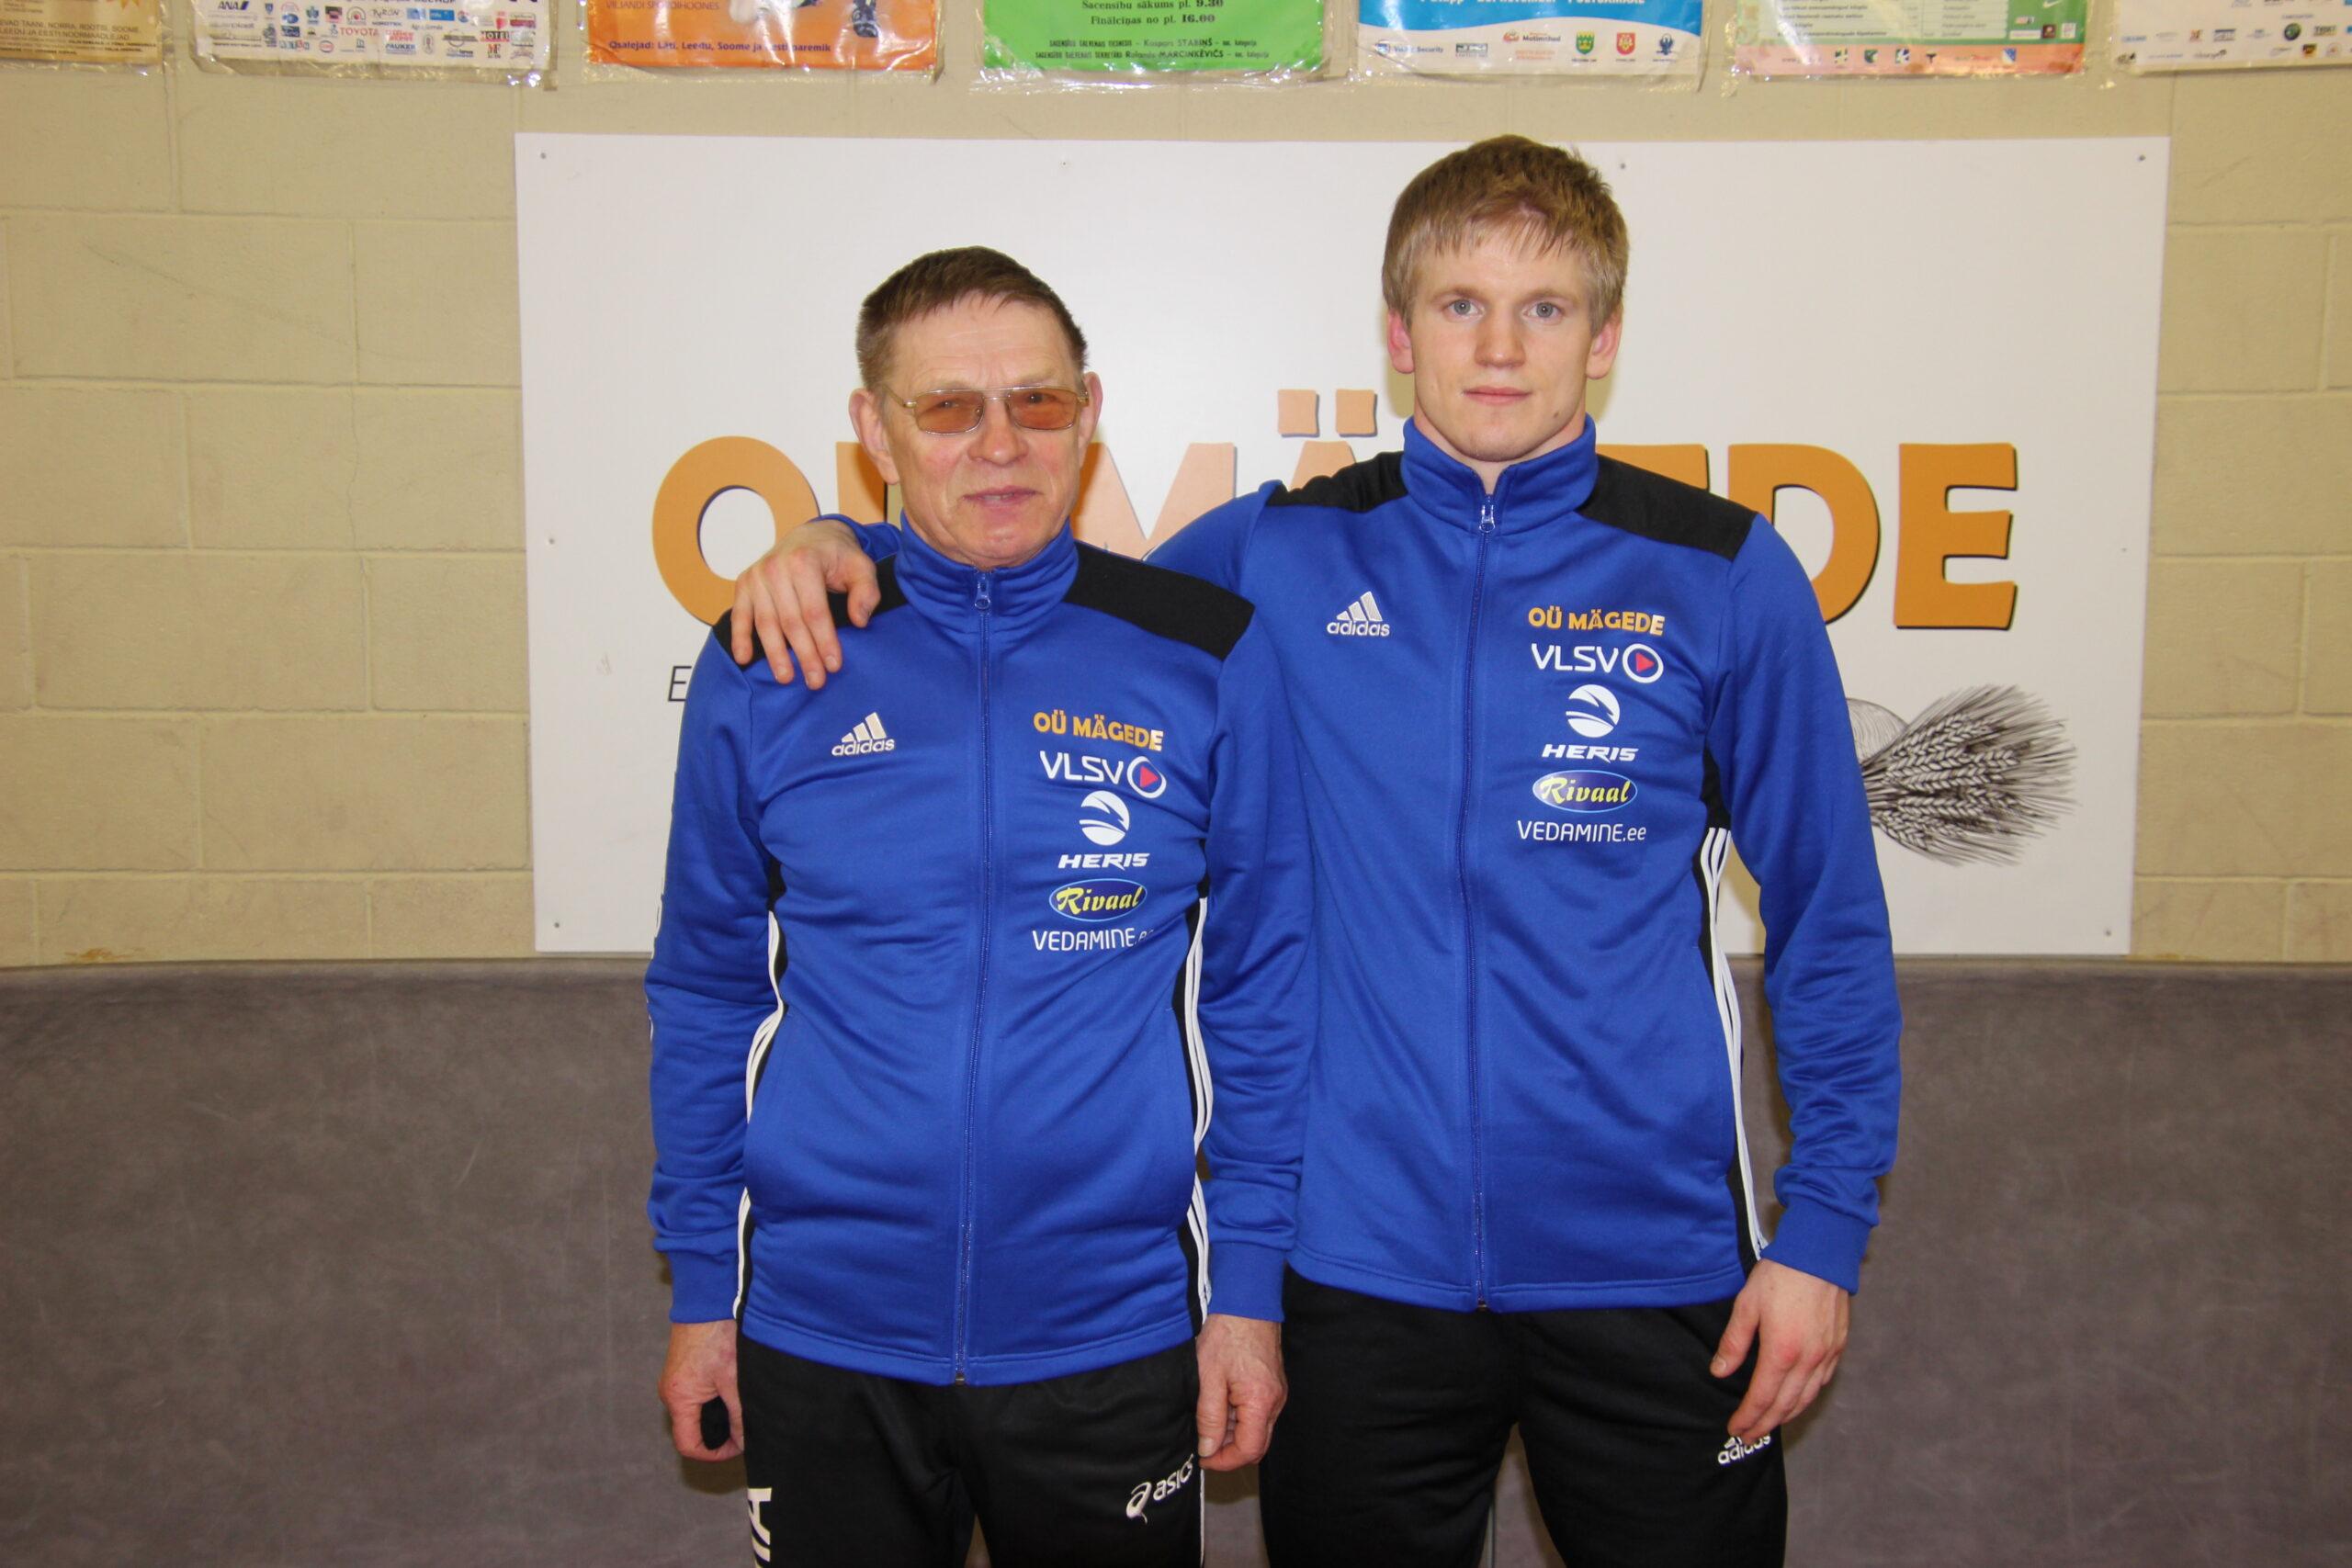 Arved Külanurm ja Aimar Andruse. Foto Raimo Metsamärt.